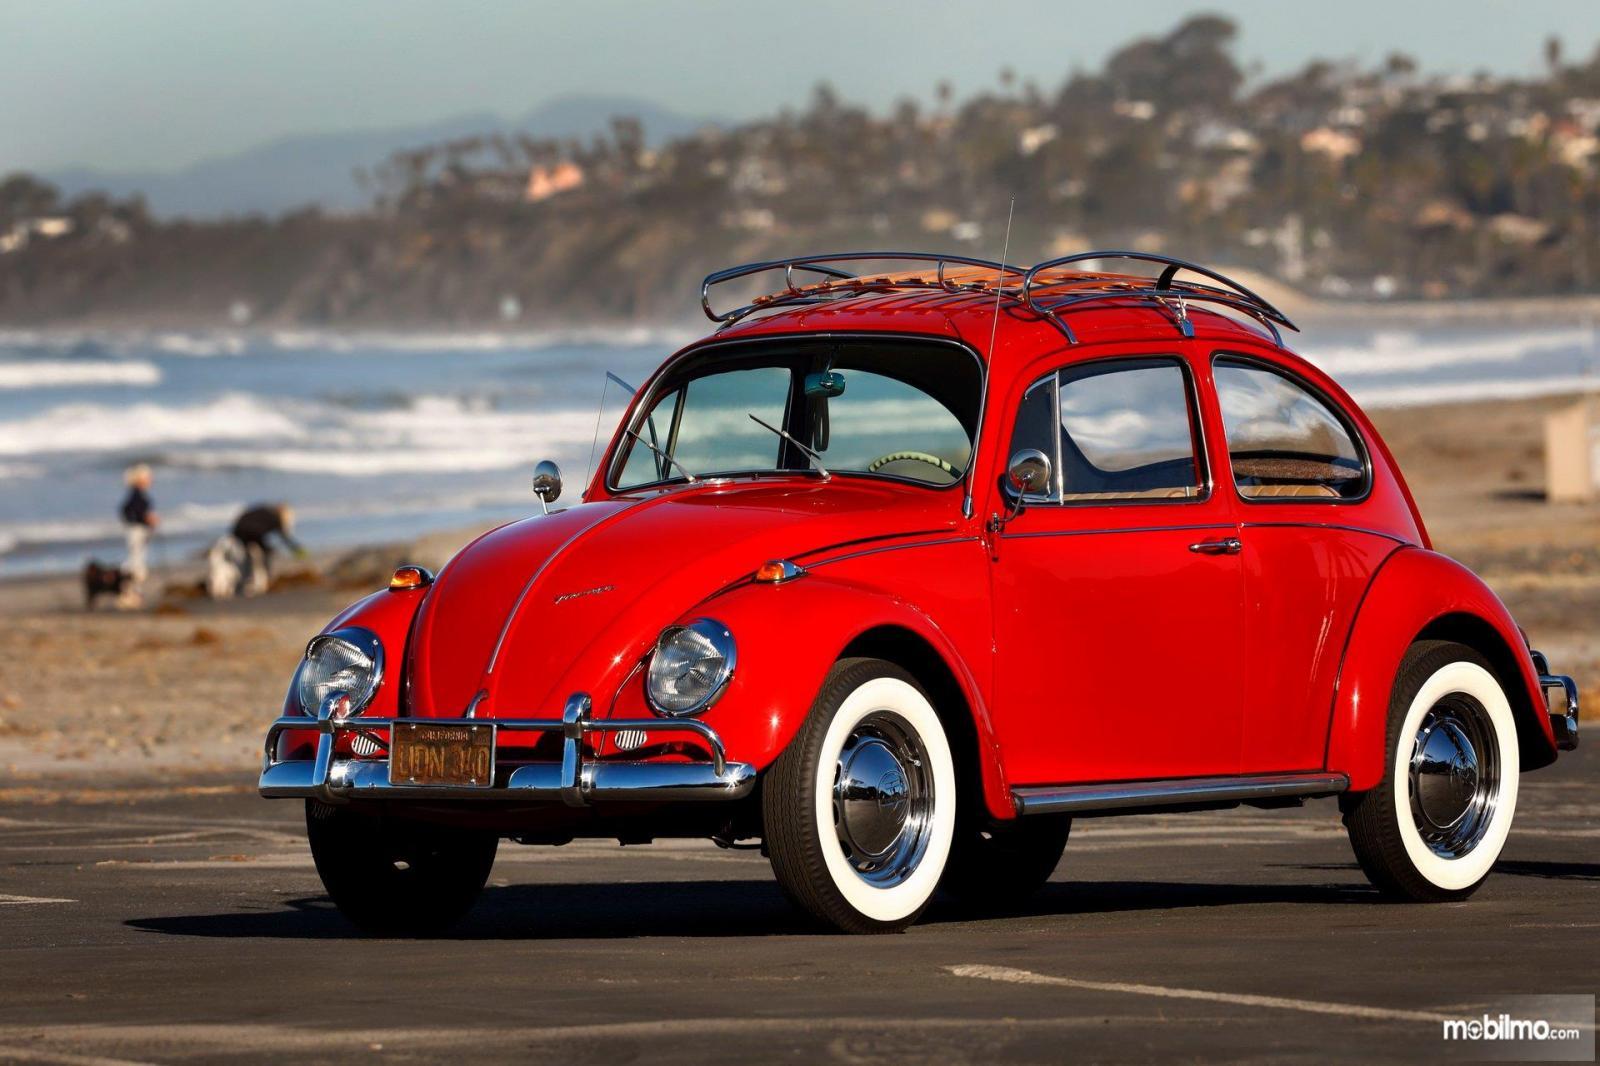 Gambar Volkswagen Beetle yang sudah direstorasi